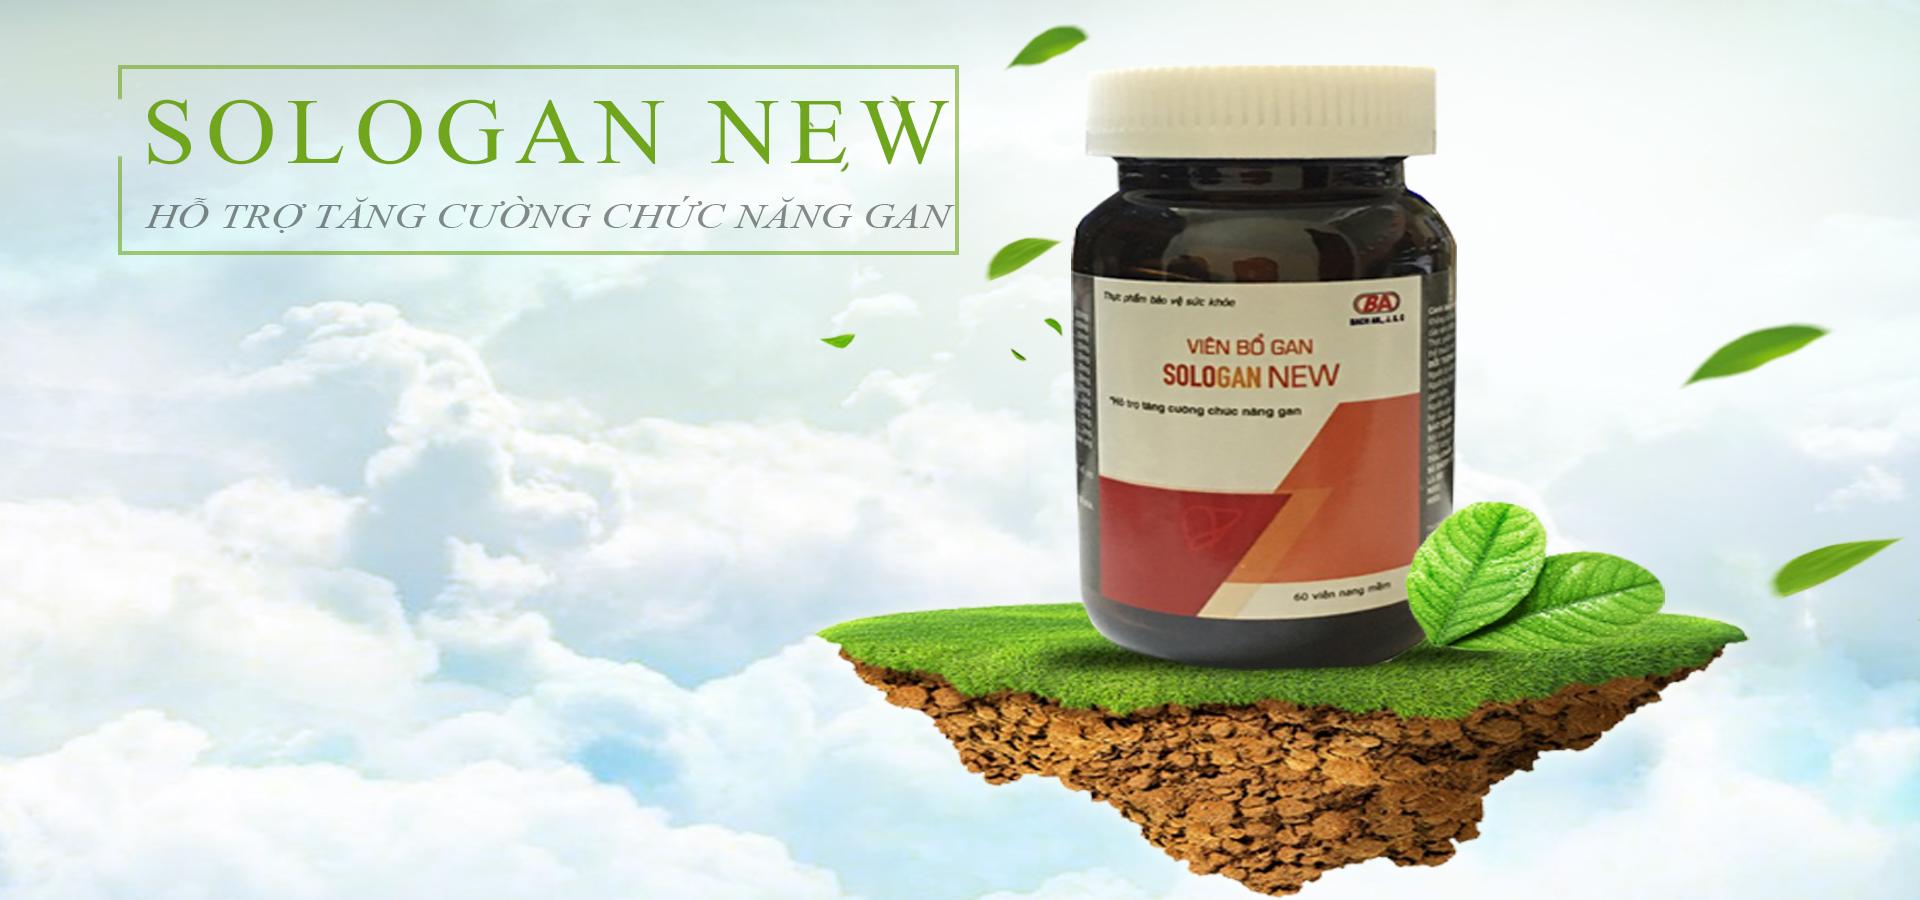 Viên Bổ Gan Sologan New (Hộp 60 Viên) - Sản phẩm của người Việt - cho người Việt. Hỗ trợ giải độc gan - Tăng cường chức năng gan 1